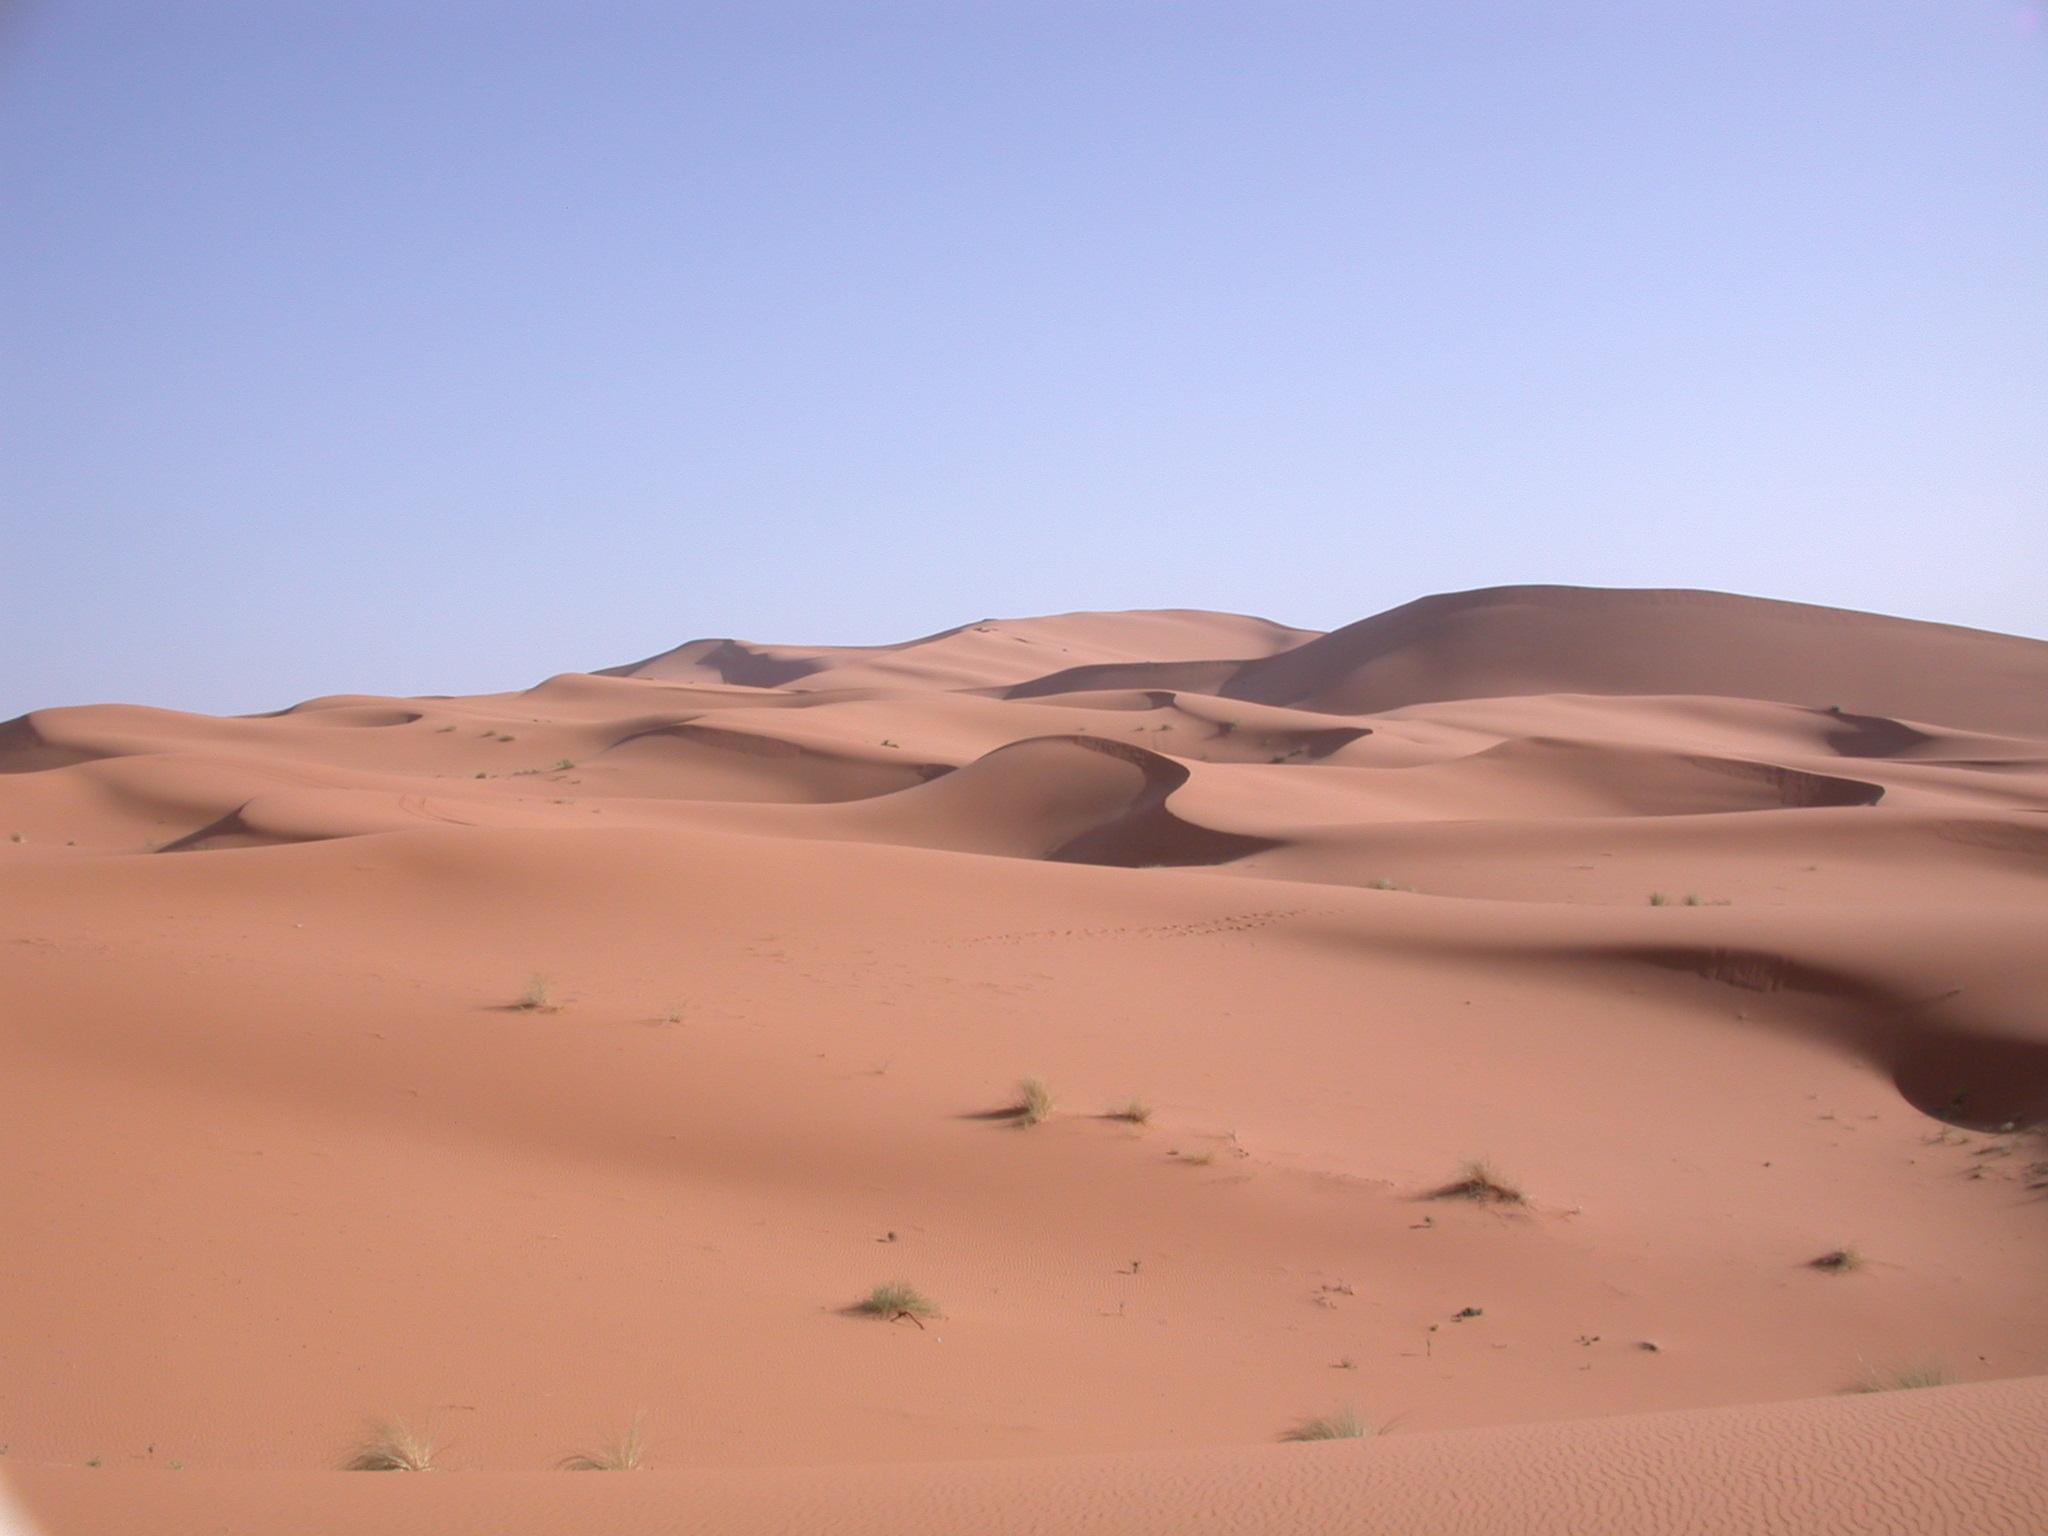 Luca Errera, Daniela Trastulli, Marocco, deserto, Sahara